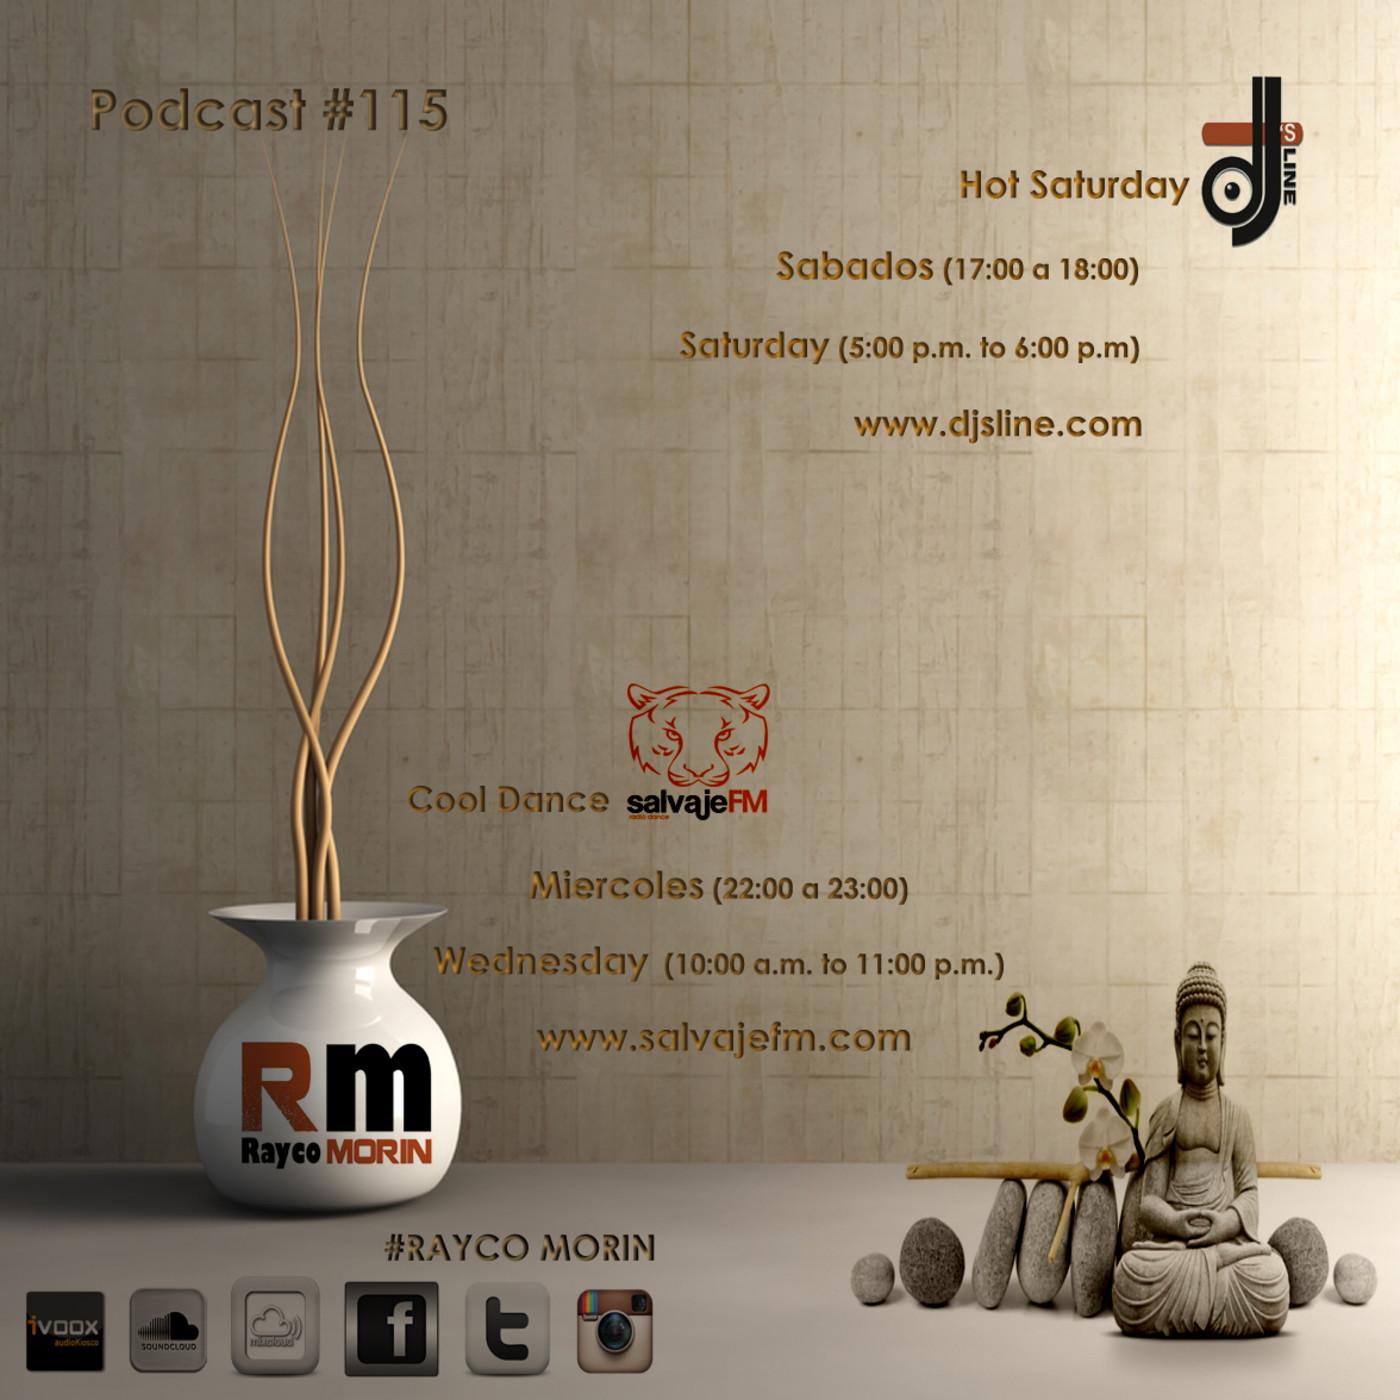 Rayco Morin - Radio Djsline- SalvajeFm #115